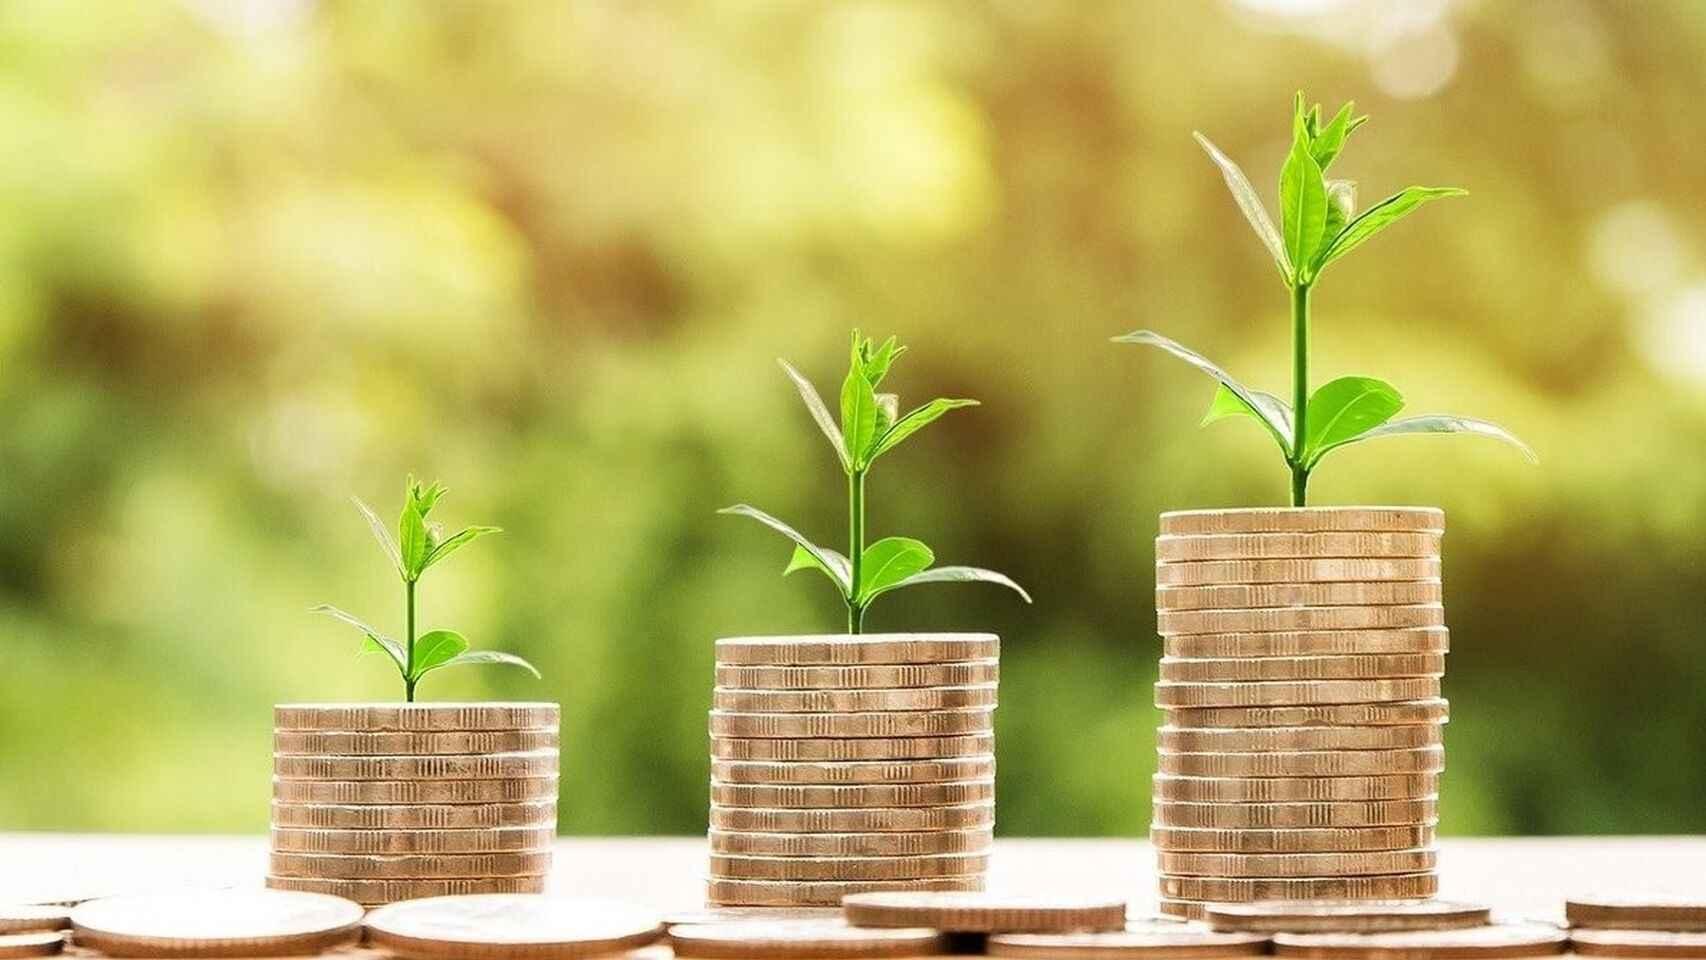 Imagen referencial sobre inversión sostenible.